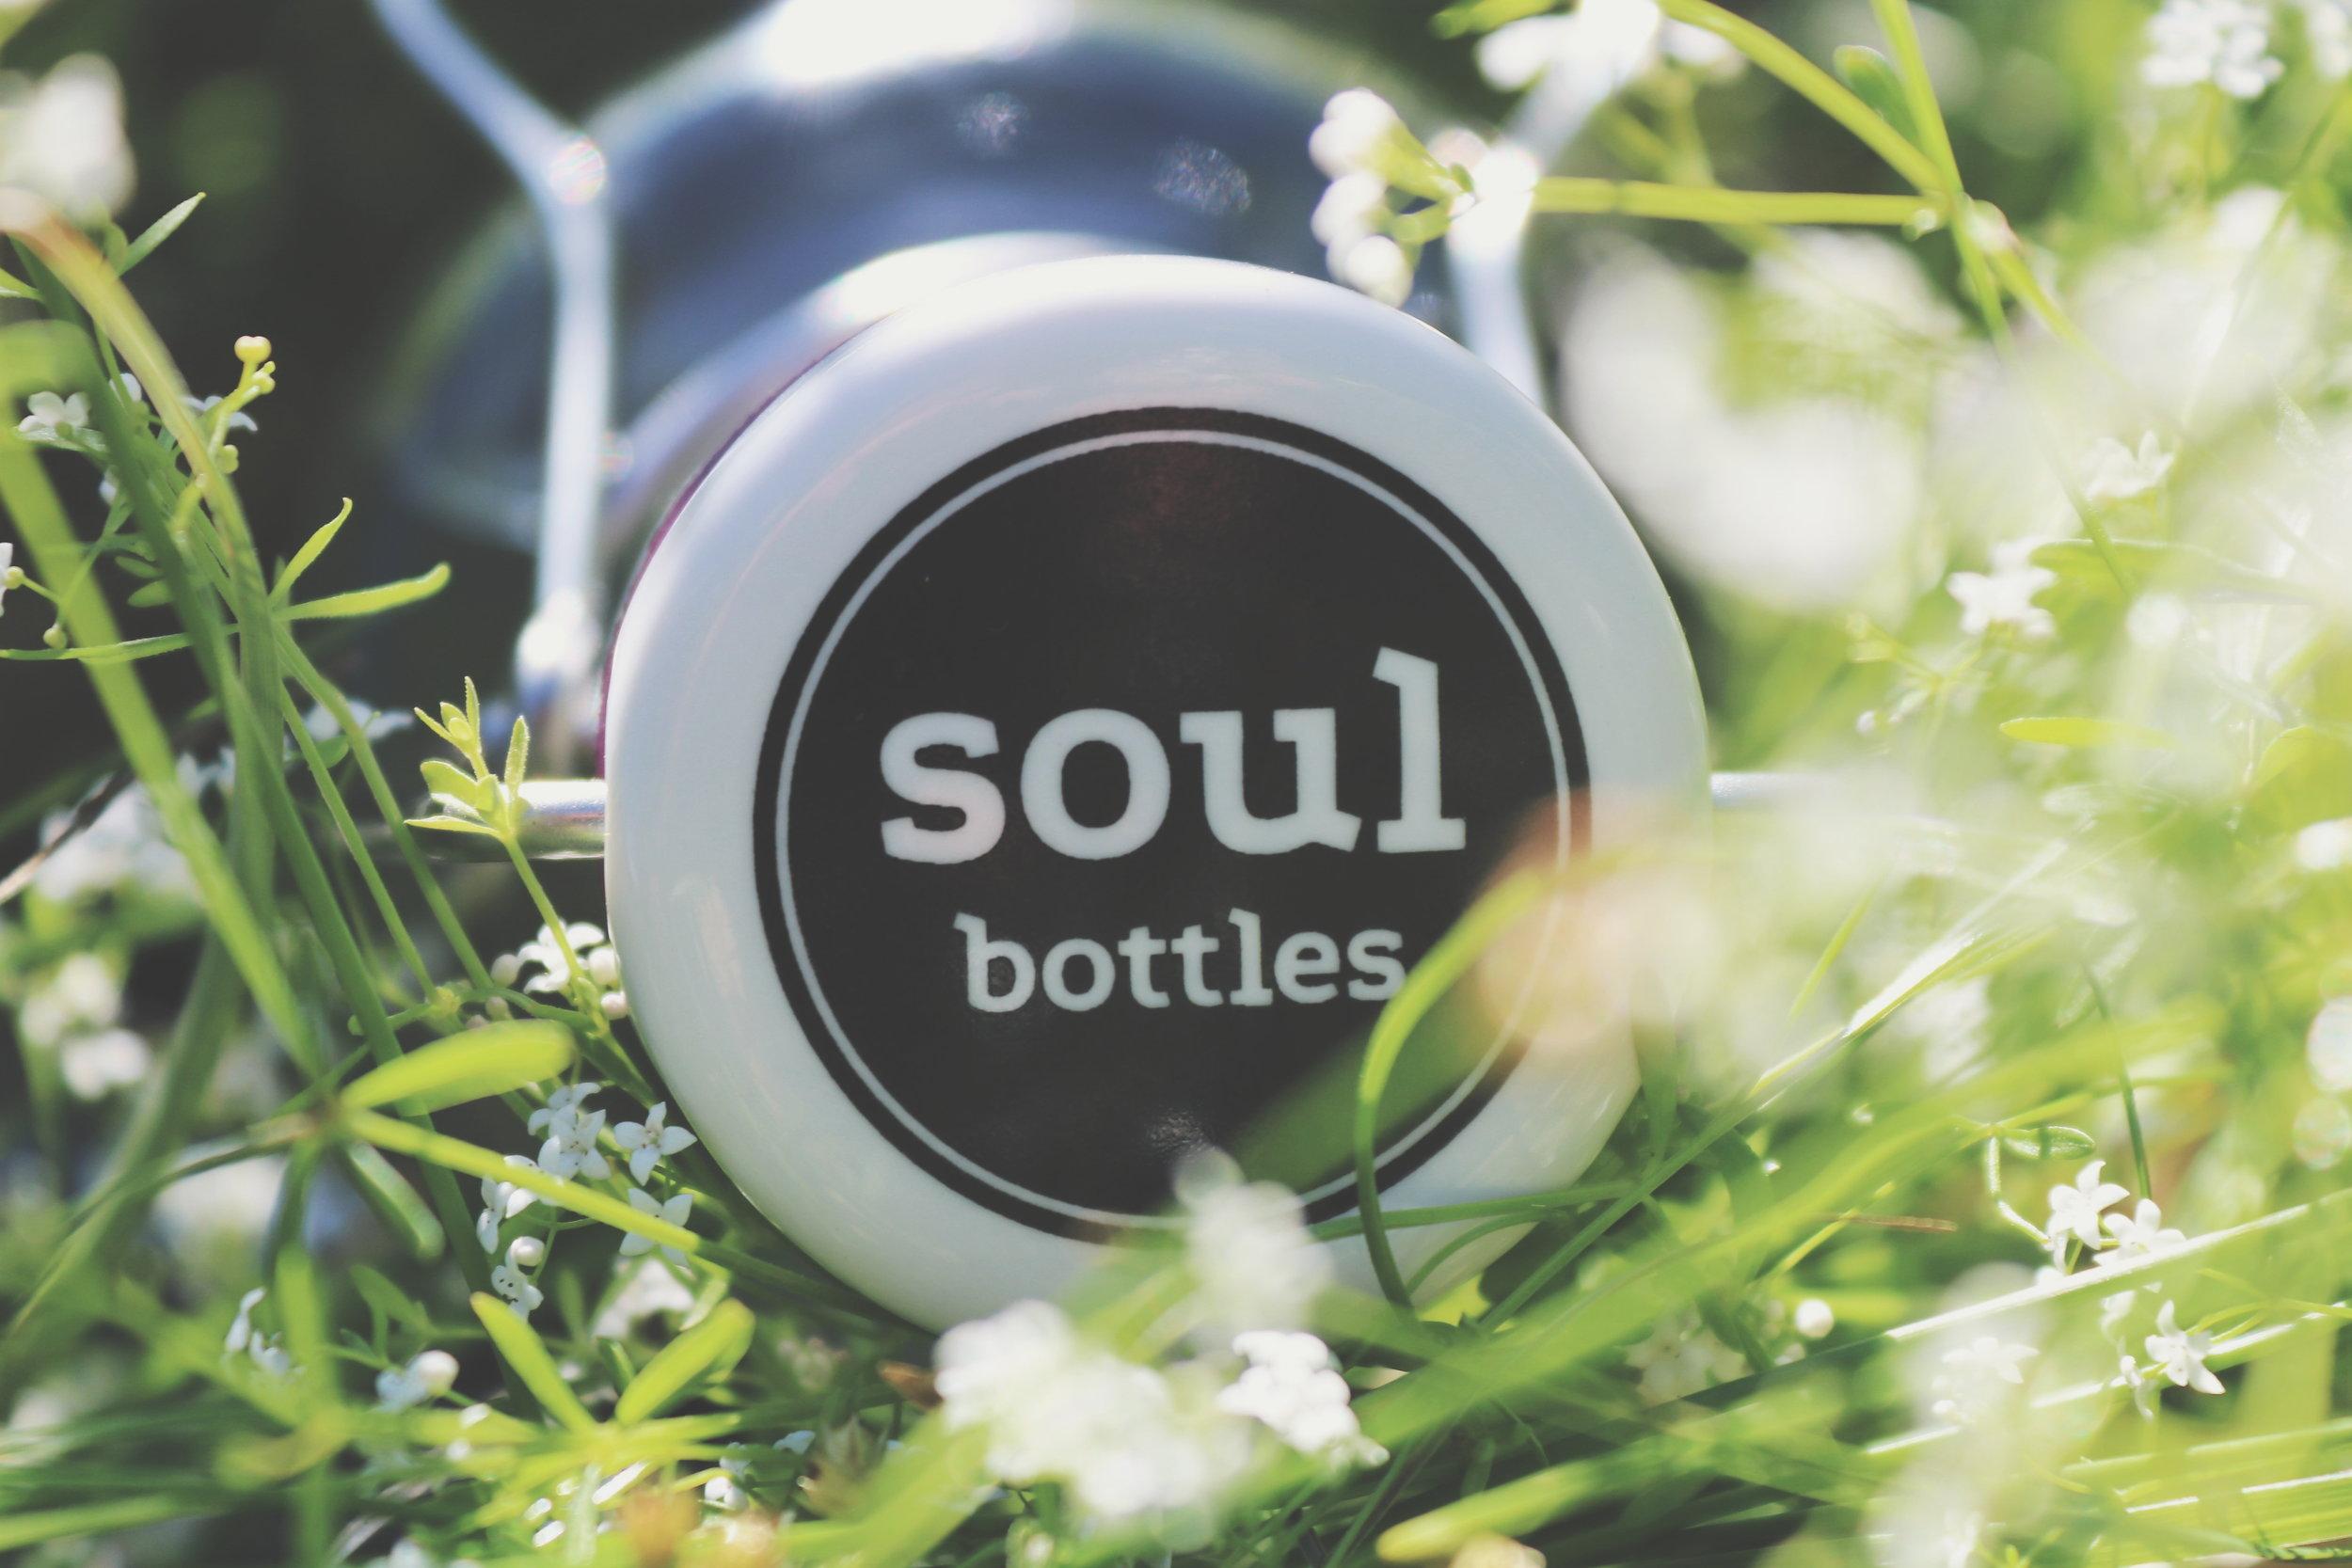 soulbottles.jpg